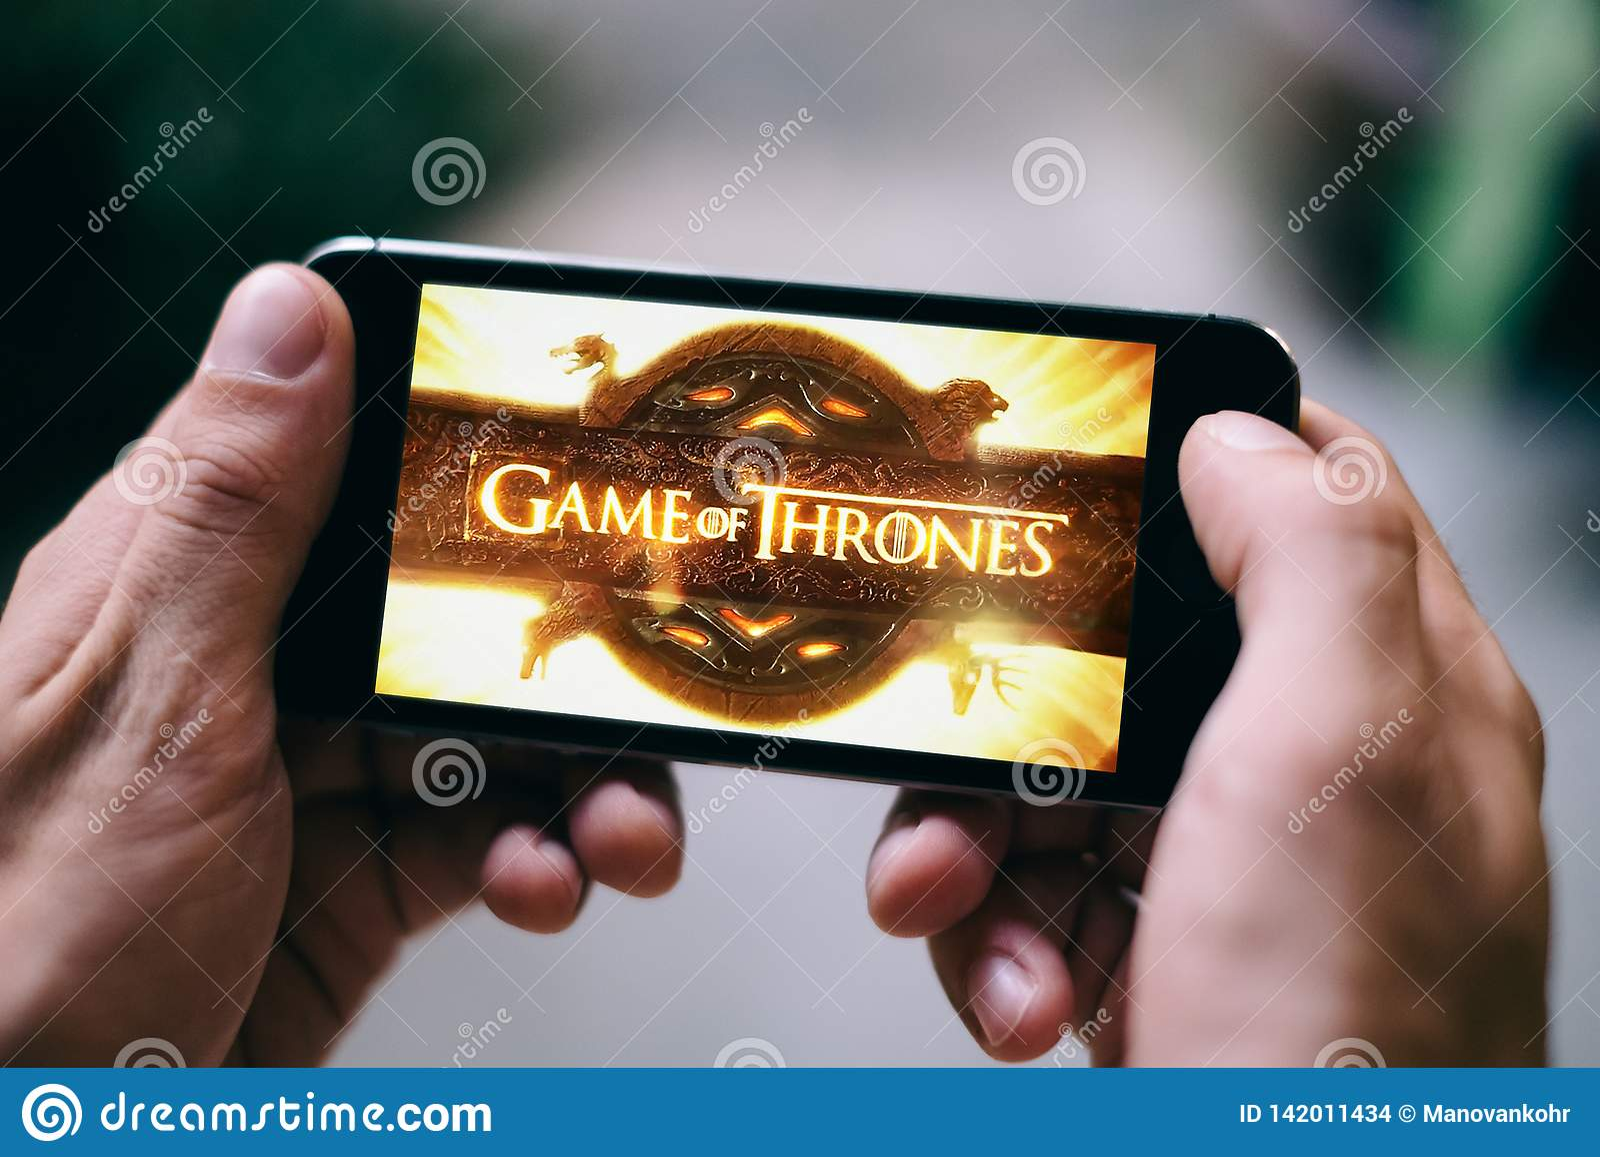 Gra tronów seriale telewizyjni logo lub ikona wystawia na smartphone ekranie